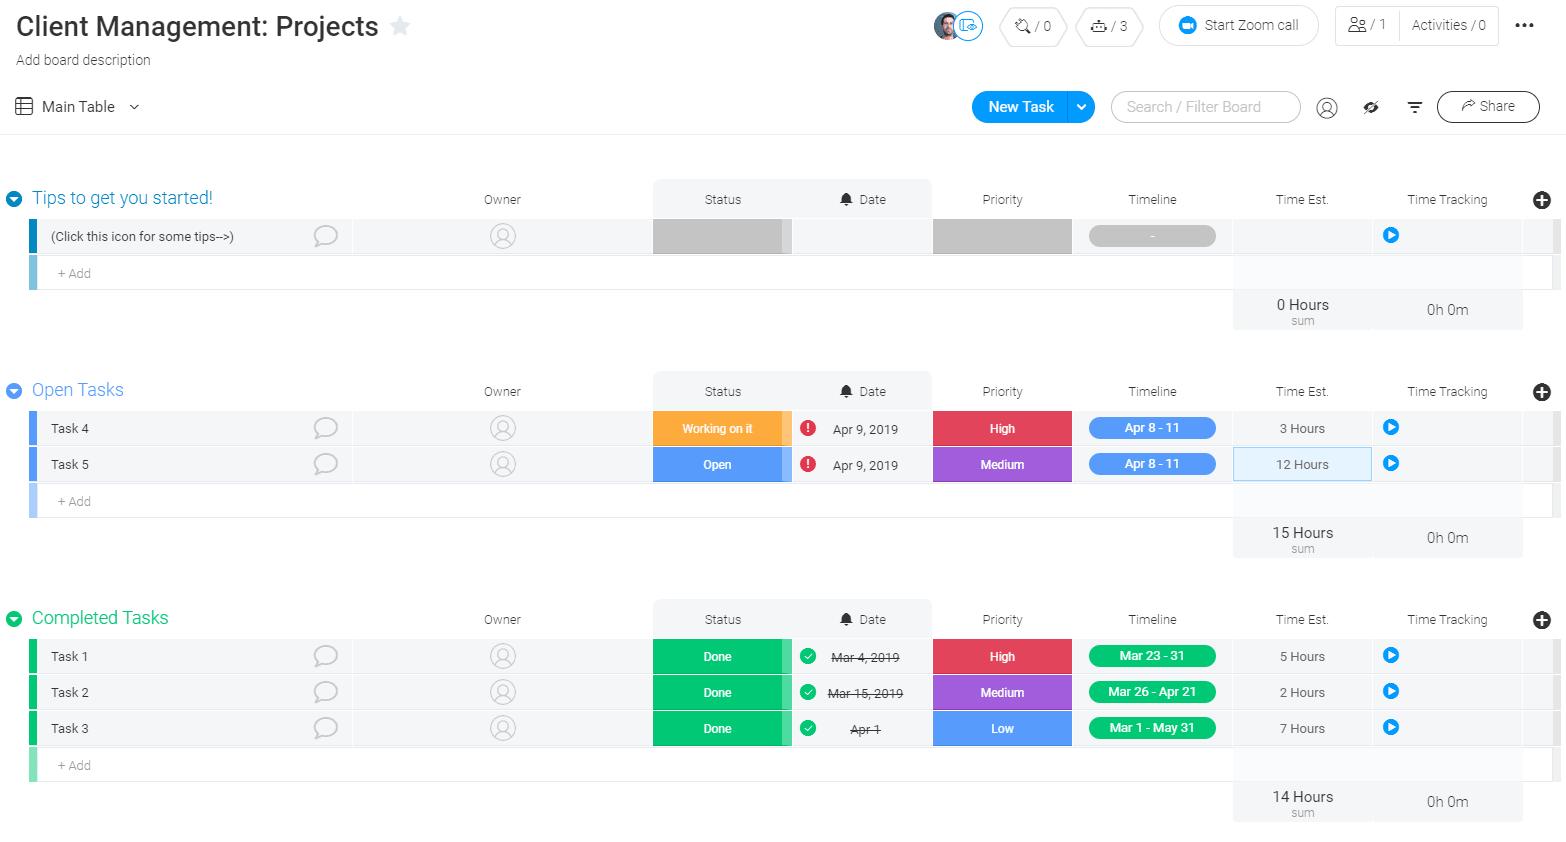 monday.com client management template